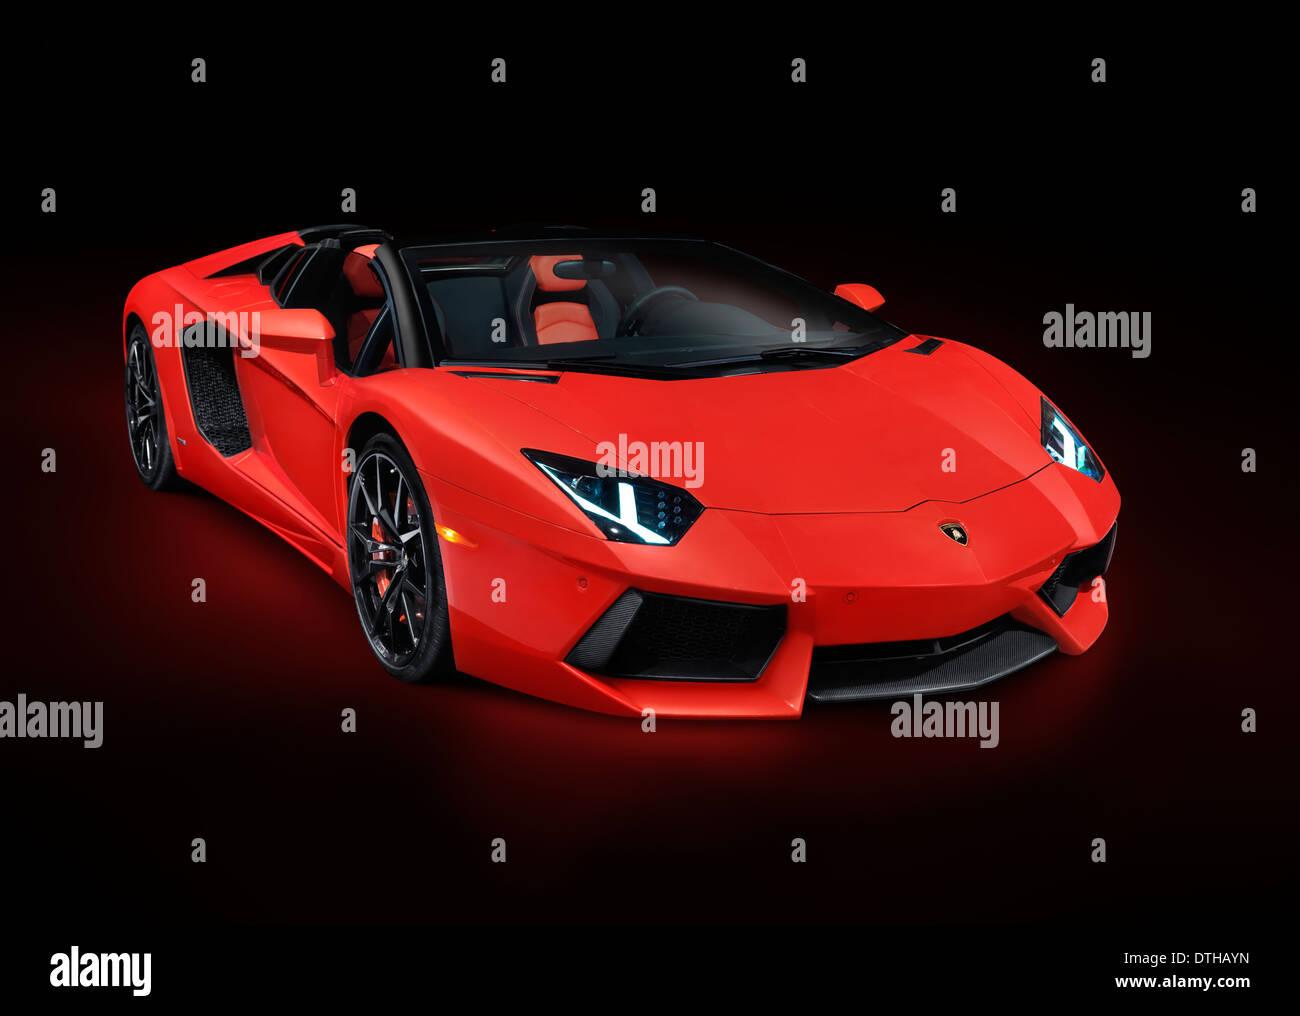 Exotic Cars Wallpaper Pack Red 2014 Lamborghini Aventador Lp 700 4 Roadster Supercar